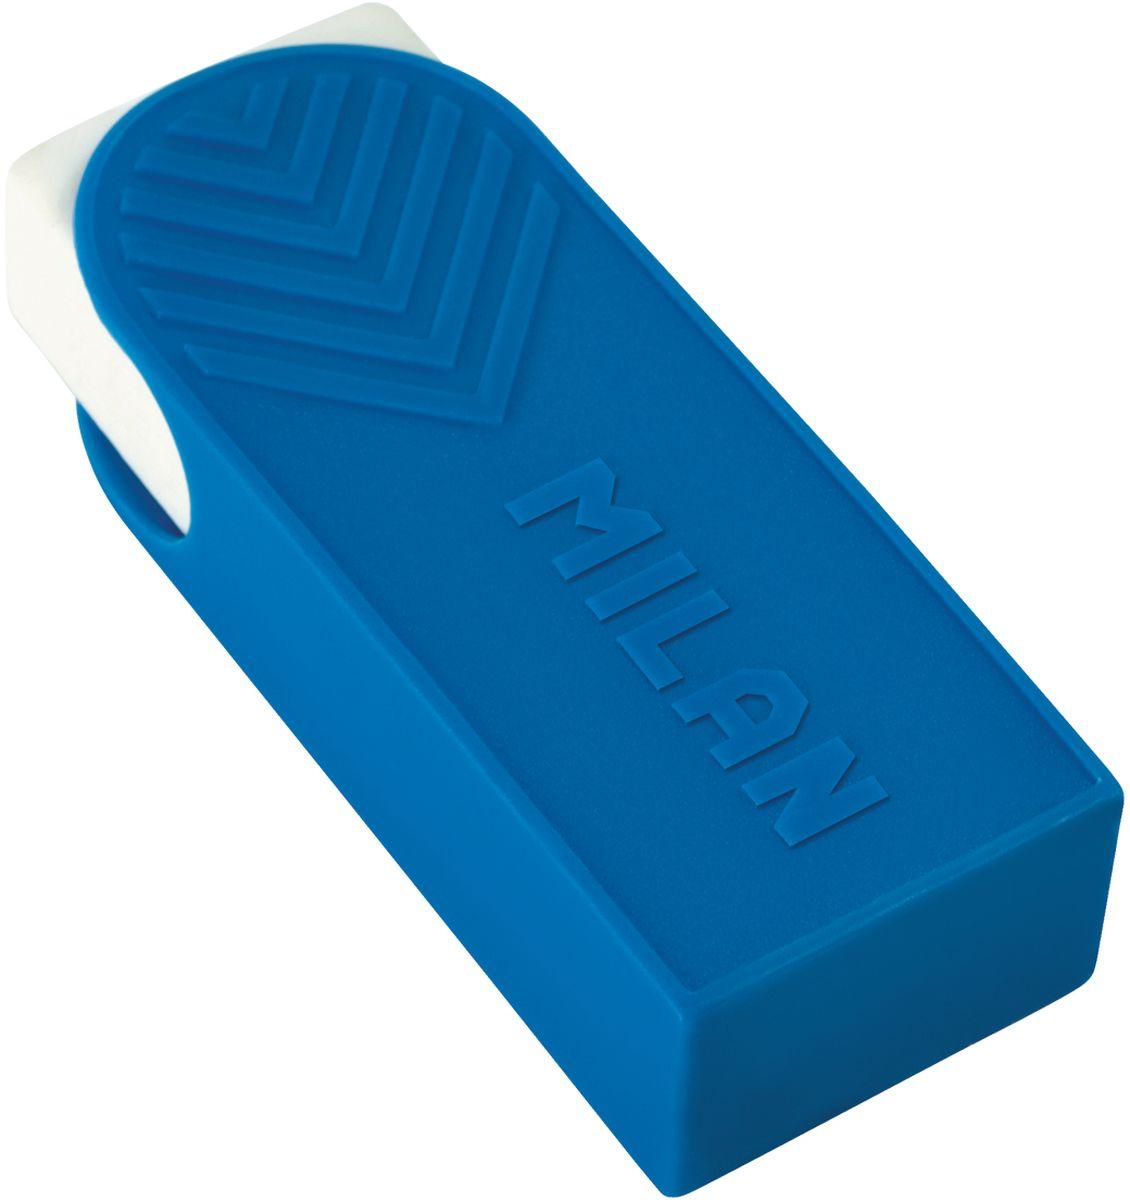 Milan Ластик A1 прямоугольныйCPMA1Ластик Milan A1 - это одно из лучших предложений для профессиональных задач. Ластик великолепно стирает все виды особо мягких и специальных художественных карандашей, включая сангину и уголь. Изготовлен из натурального каучука с добавлением синтетического пластификатора, что гарантирует великолепные абсорбционные свойства. Удобный держатель из пластика.